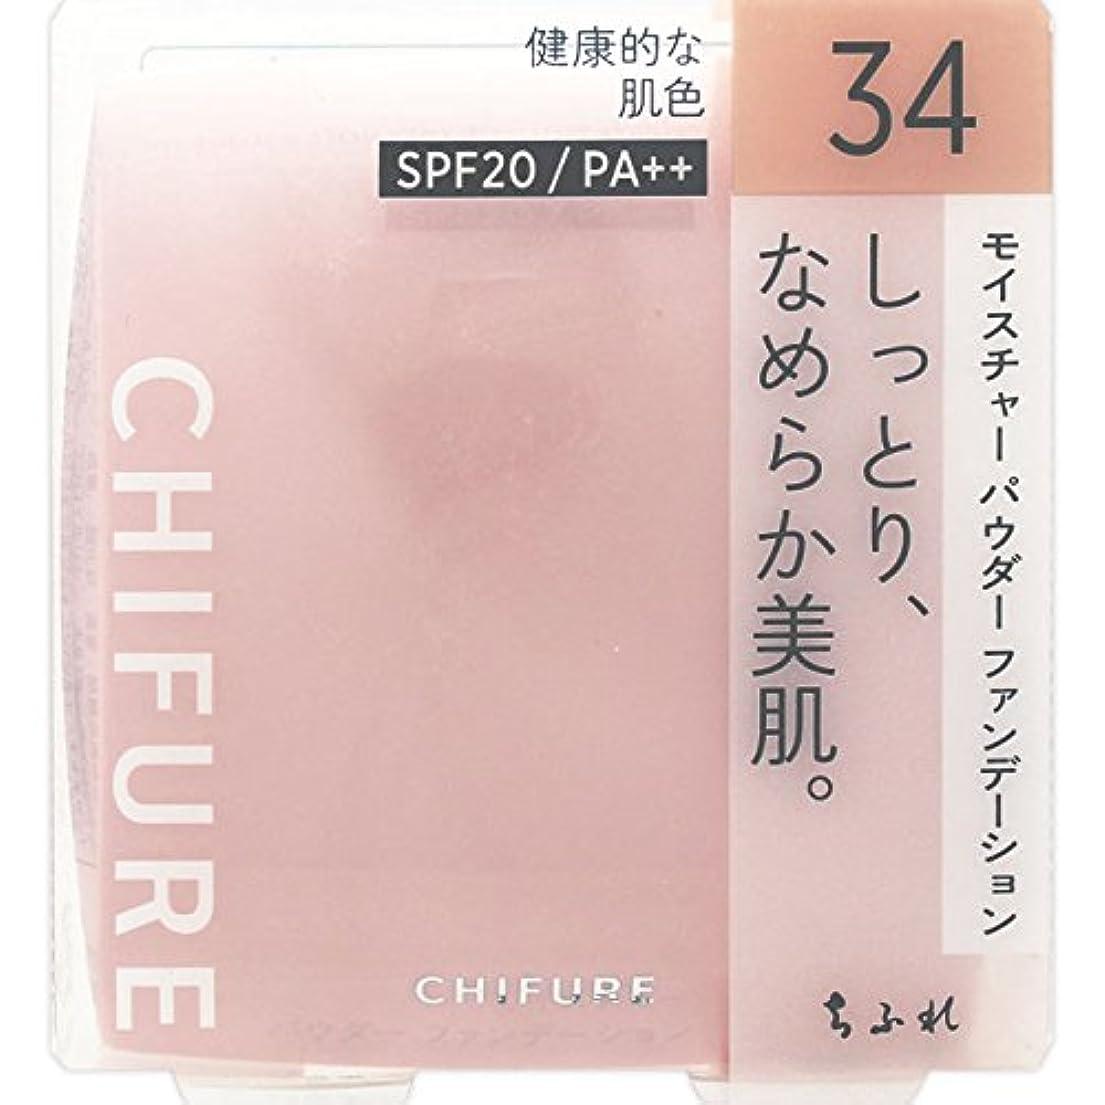 余計な忘れっぽいタールちふれ化粧品 モイスチャー パウダーファンデーション(スポンジ入り) 34 オークル系 MパウダーFD34